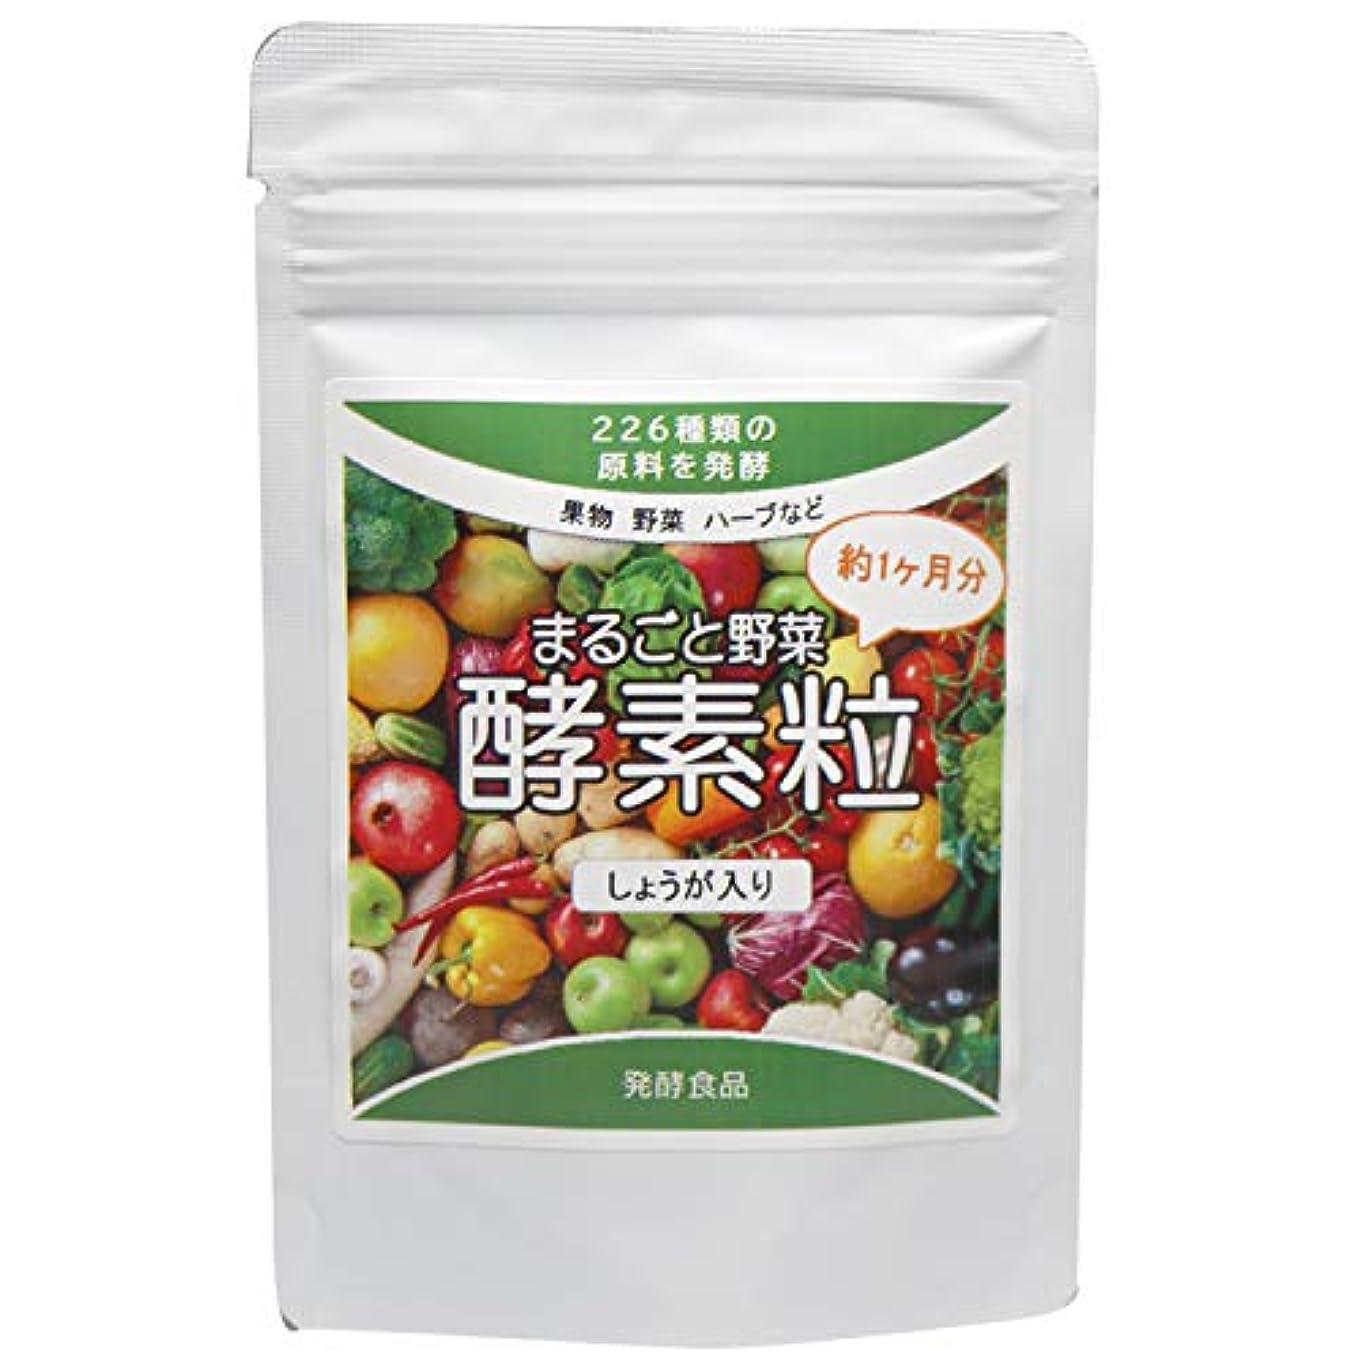 探偵北東建てるまるごと野菜酵素粒 226種類の野菜発酵(しょうが入り) 約4ヶ月分 (440mg×120粒)